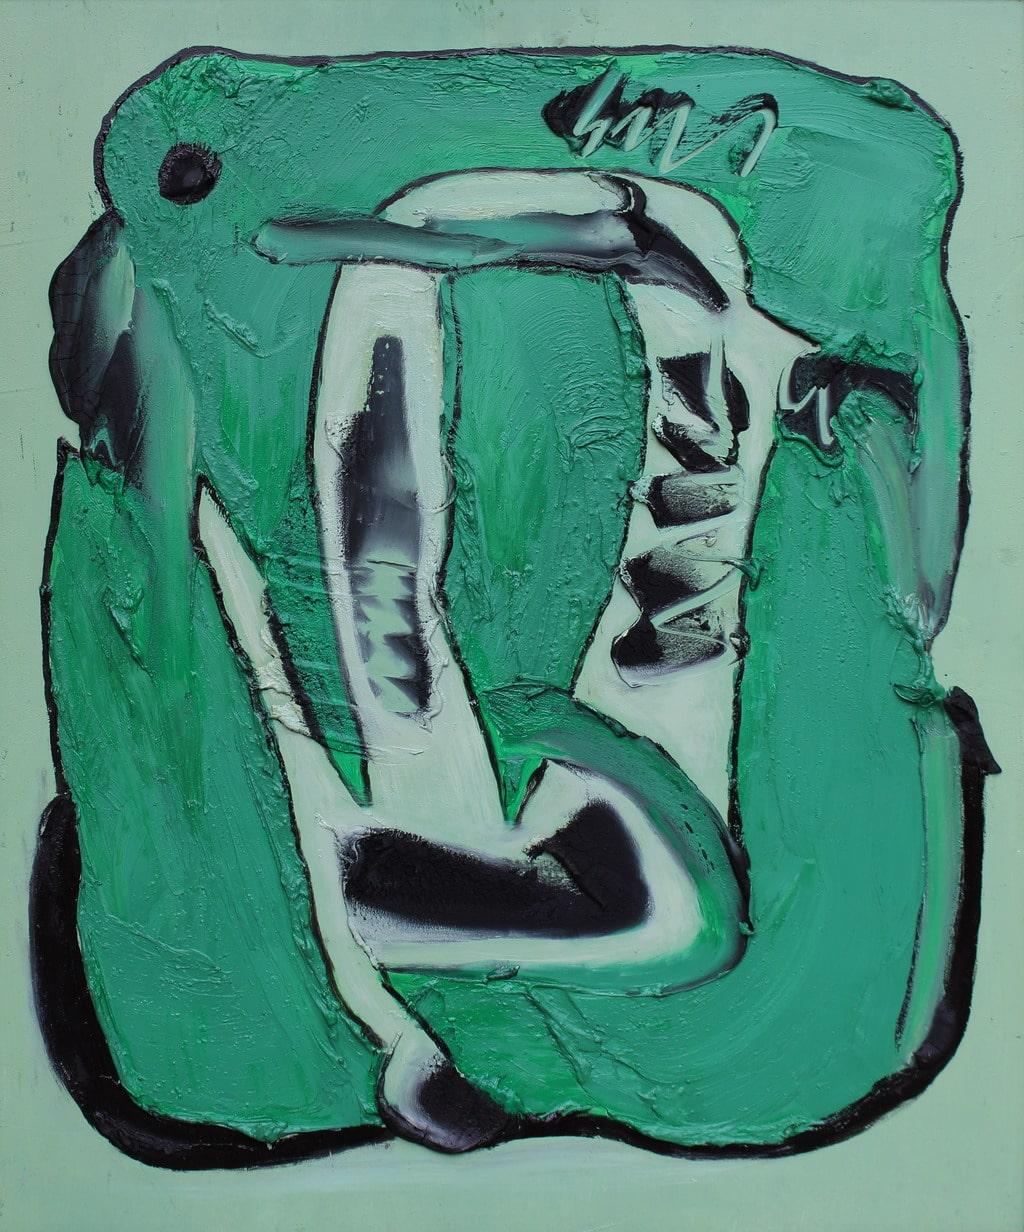 """Erminio Tansini, """"Senza titolo"""", 2000, olio su tavola, 60x50 cm. © Erminio Tansini"""